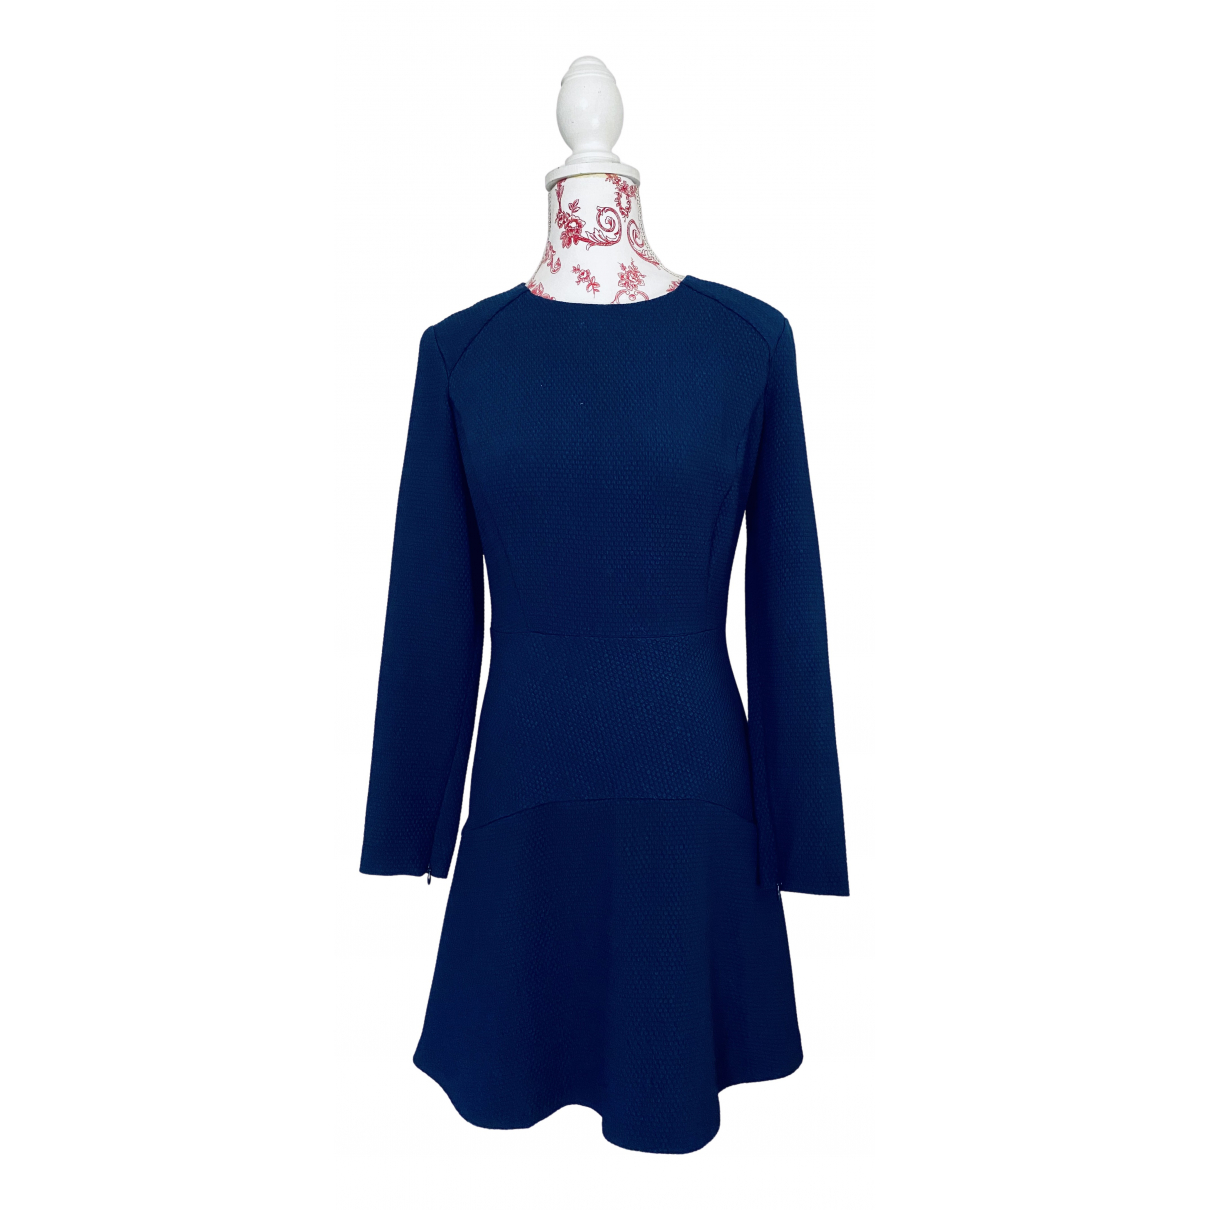 Sandro N Blue dress for Women 38 IT